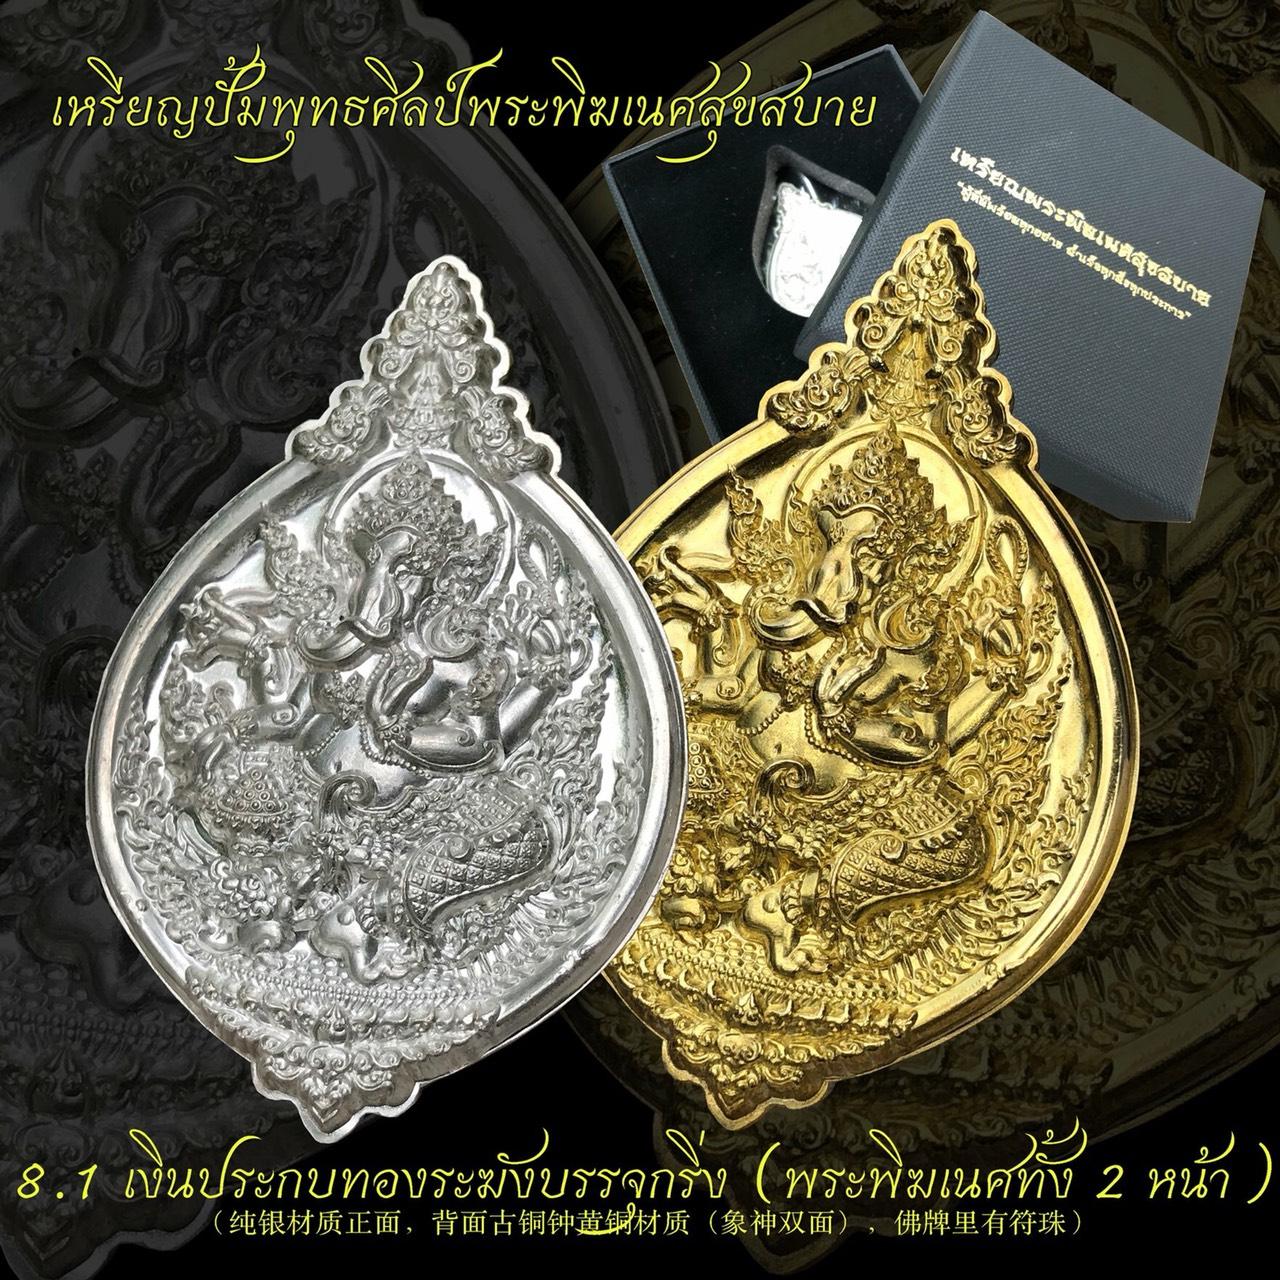 เหรียญพระพิฆเนศสุขสบาย เนื้อเงินประกบทองระฆัง บรรจุกริ่ง พระพิฆเนศ2หน้า